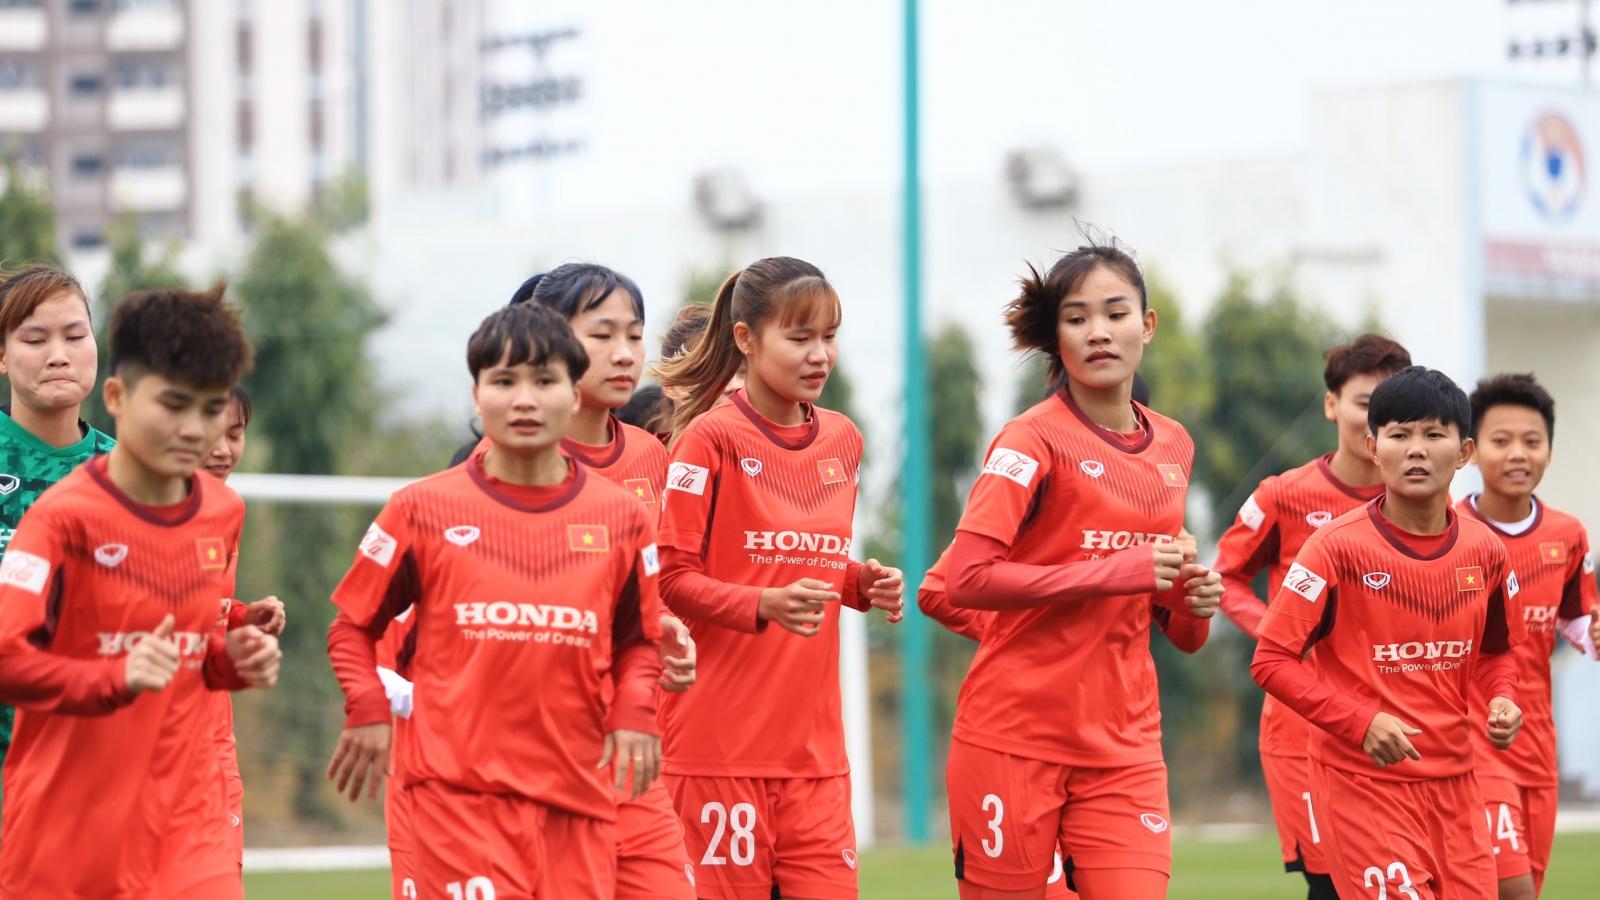 Bảng xếp hạng FIFA mới nhất: ĐT nữ Việt Nam bỏ xa ĐT nữ Thái Lan